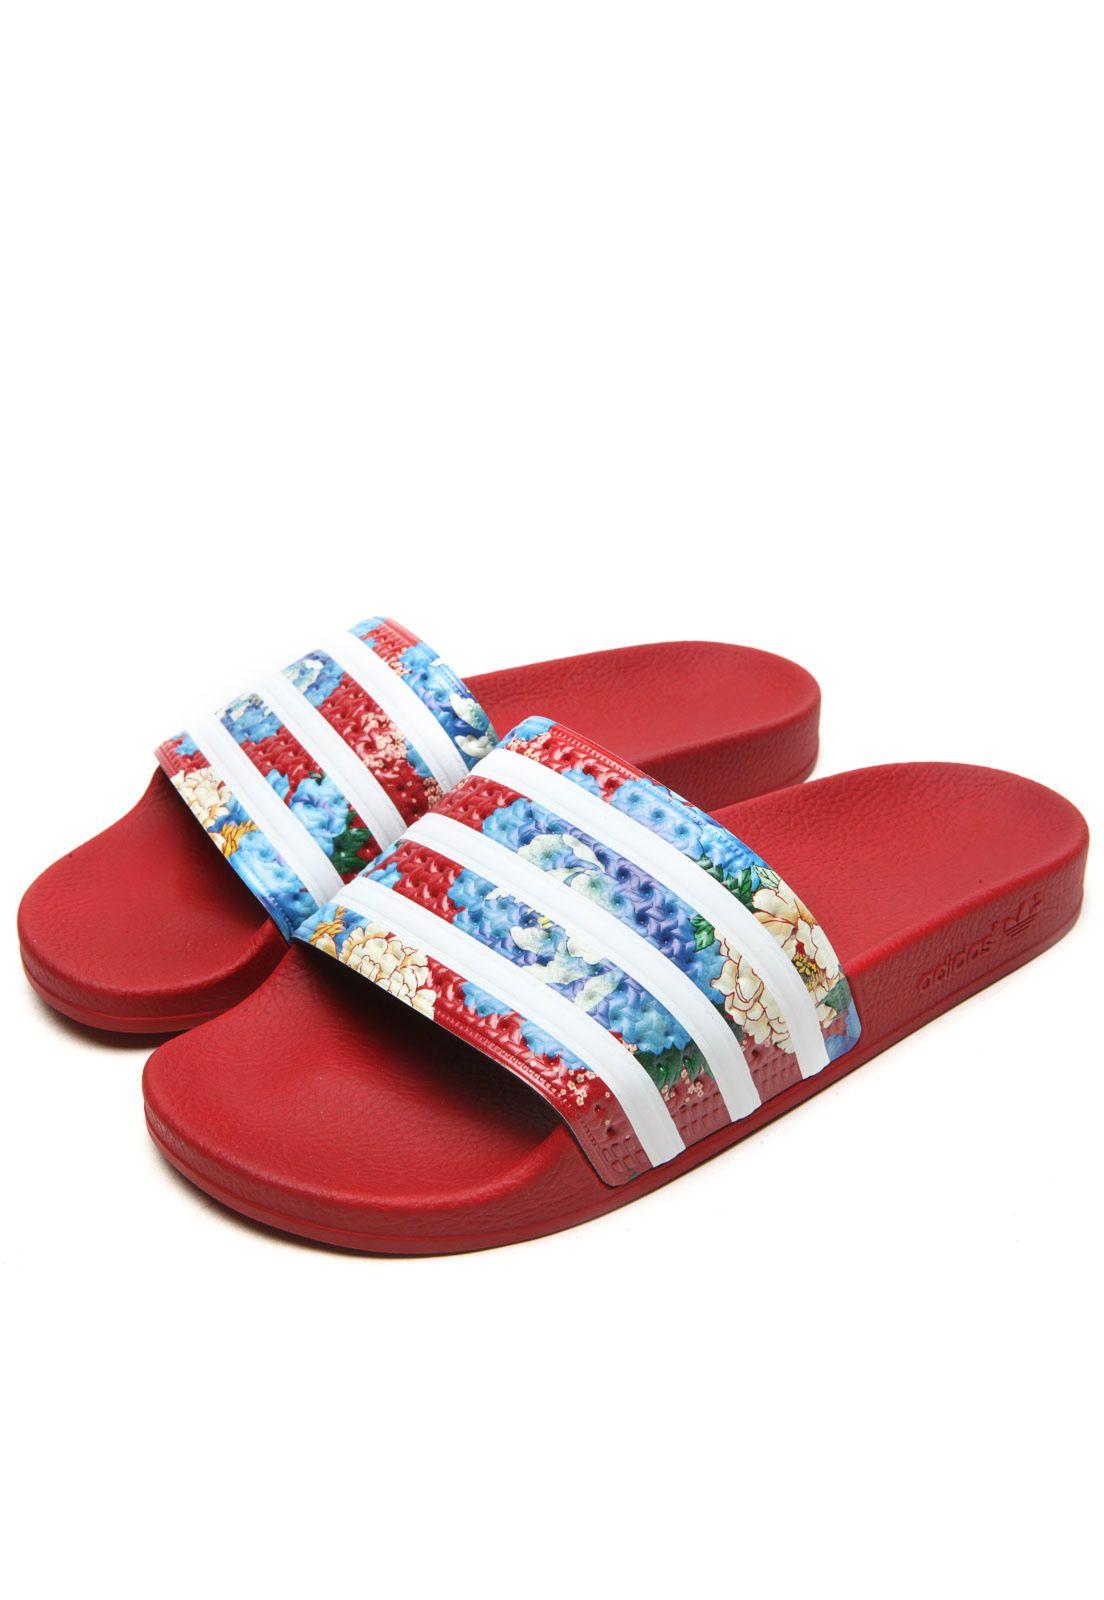 4f40c5818f2 Chinelo Slide adidas Originals FARM Adilette Vermelho Azul - Marca adidas  Originals